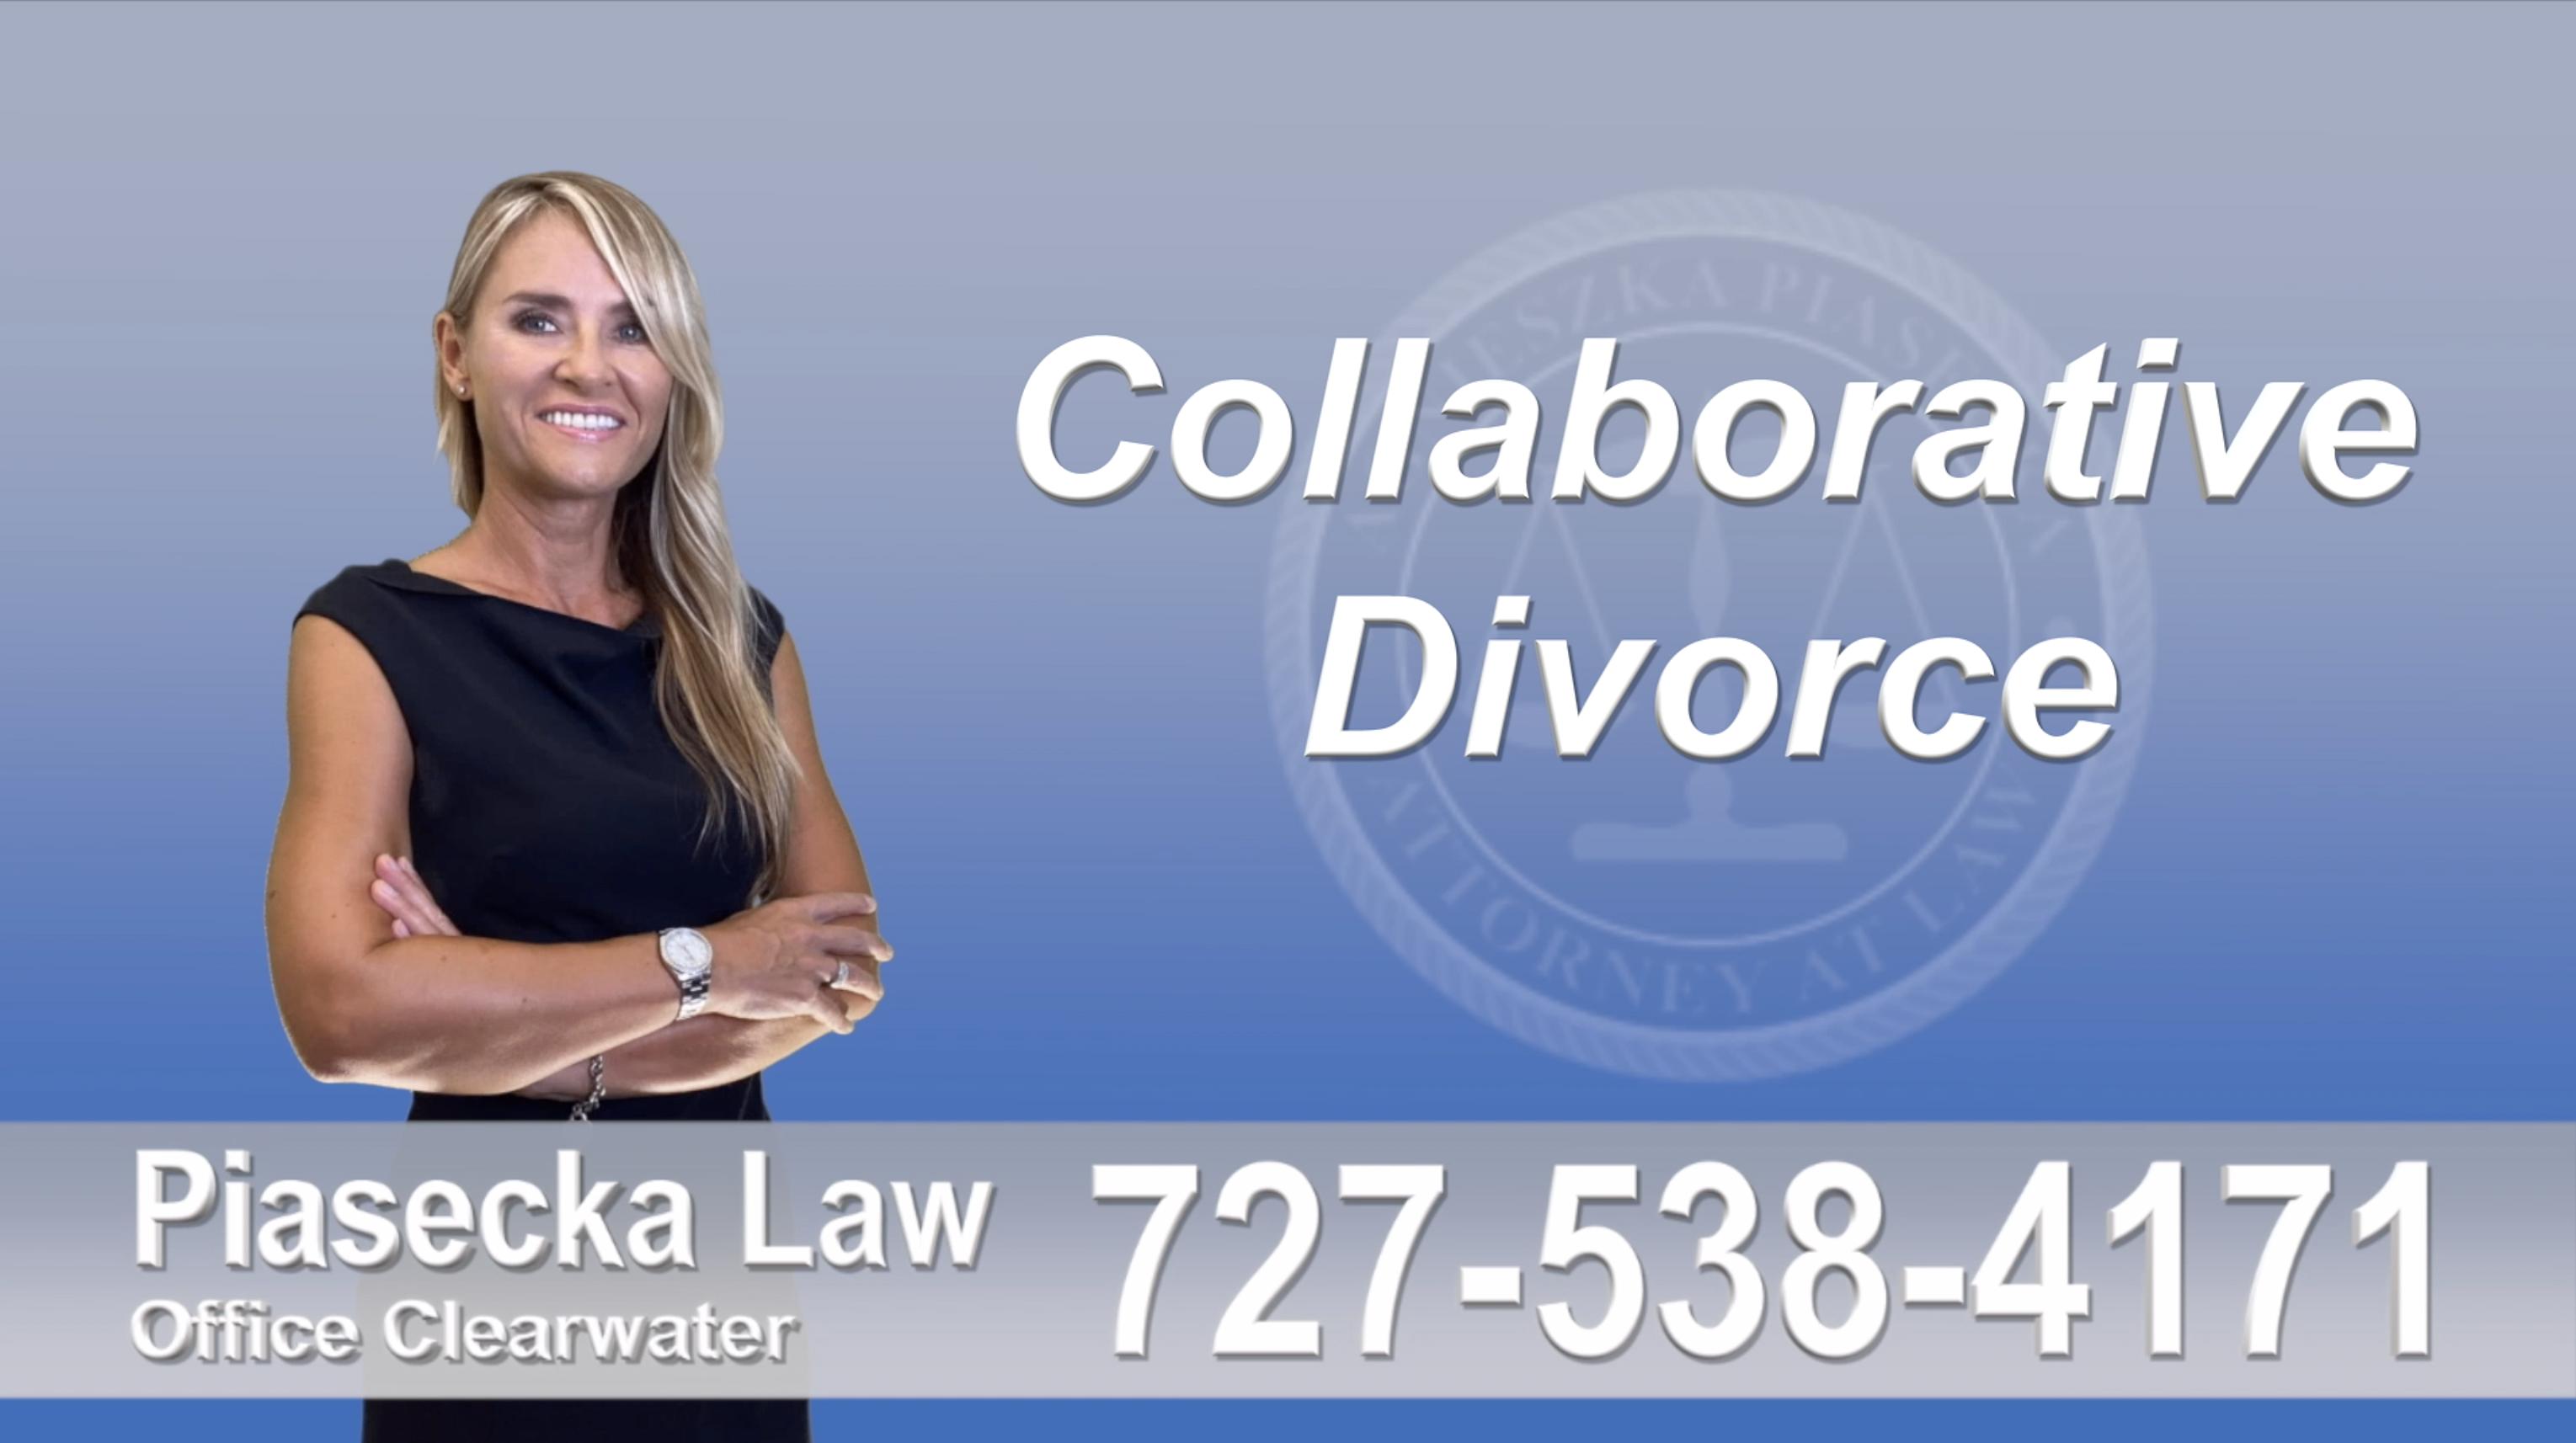 Wesley Chapel Collaborative, Attorney, Agnieszka, Piasecka, Prawnik, Rozwodowy, Rozwód, Adwokat, Najlepszy, Best, Attorney, Divorce, Lawyer